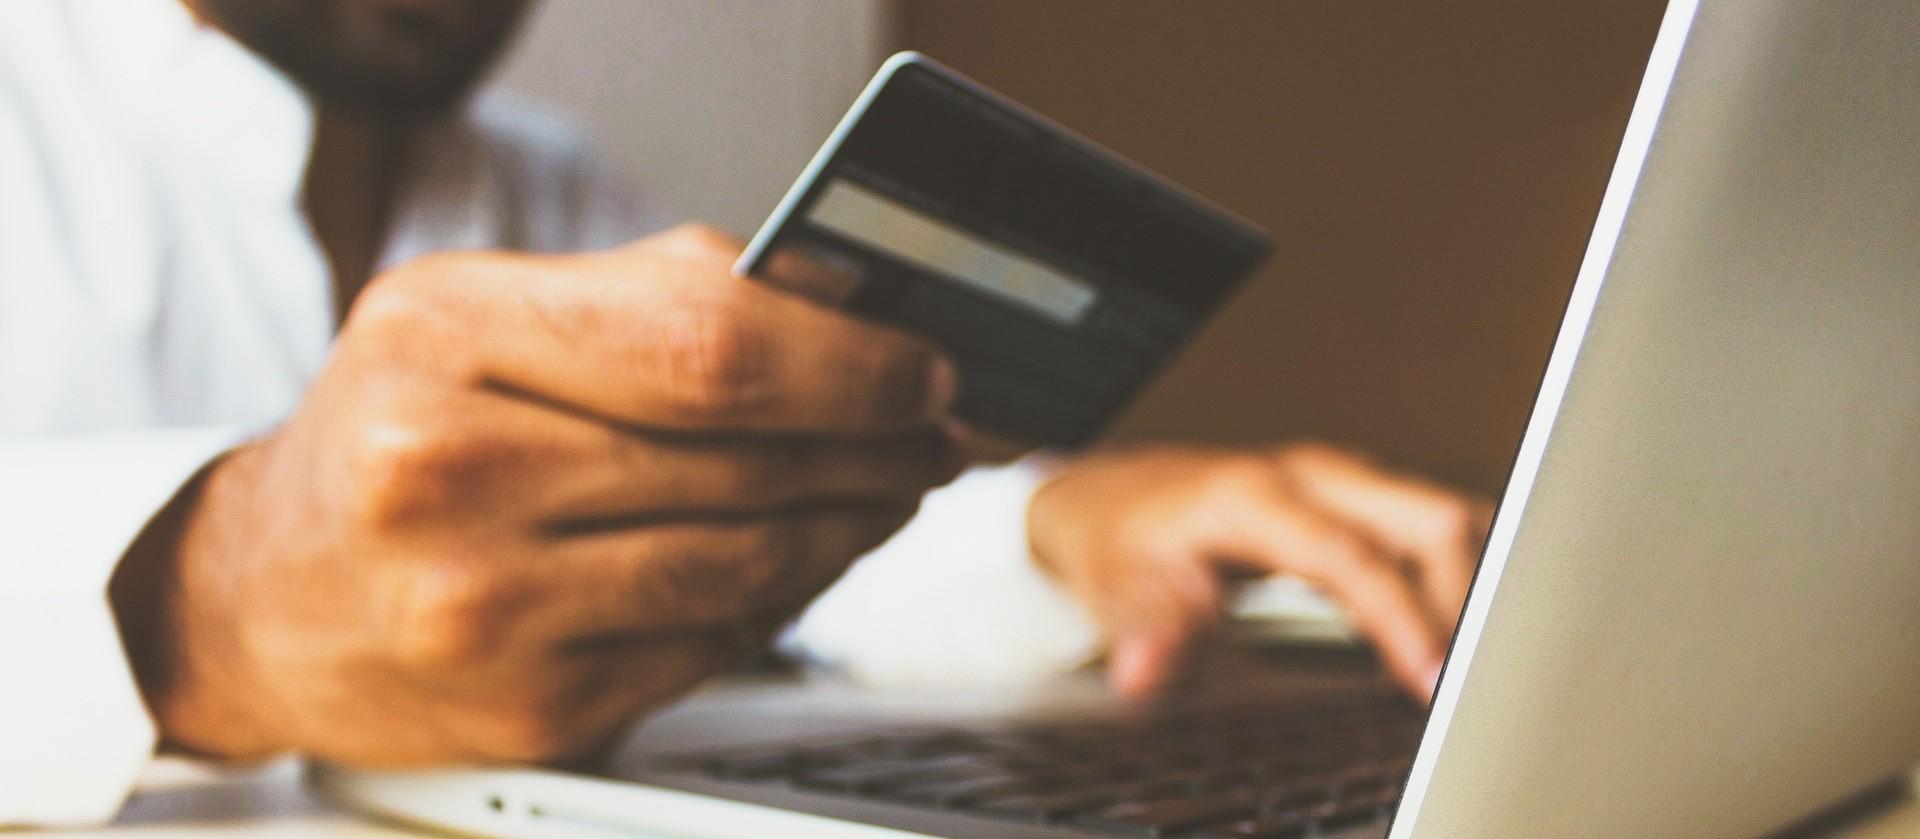 Imposto sobre pagamentos eletrônicos